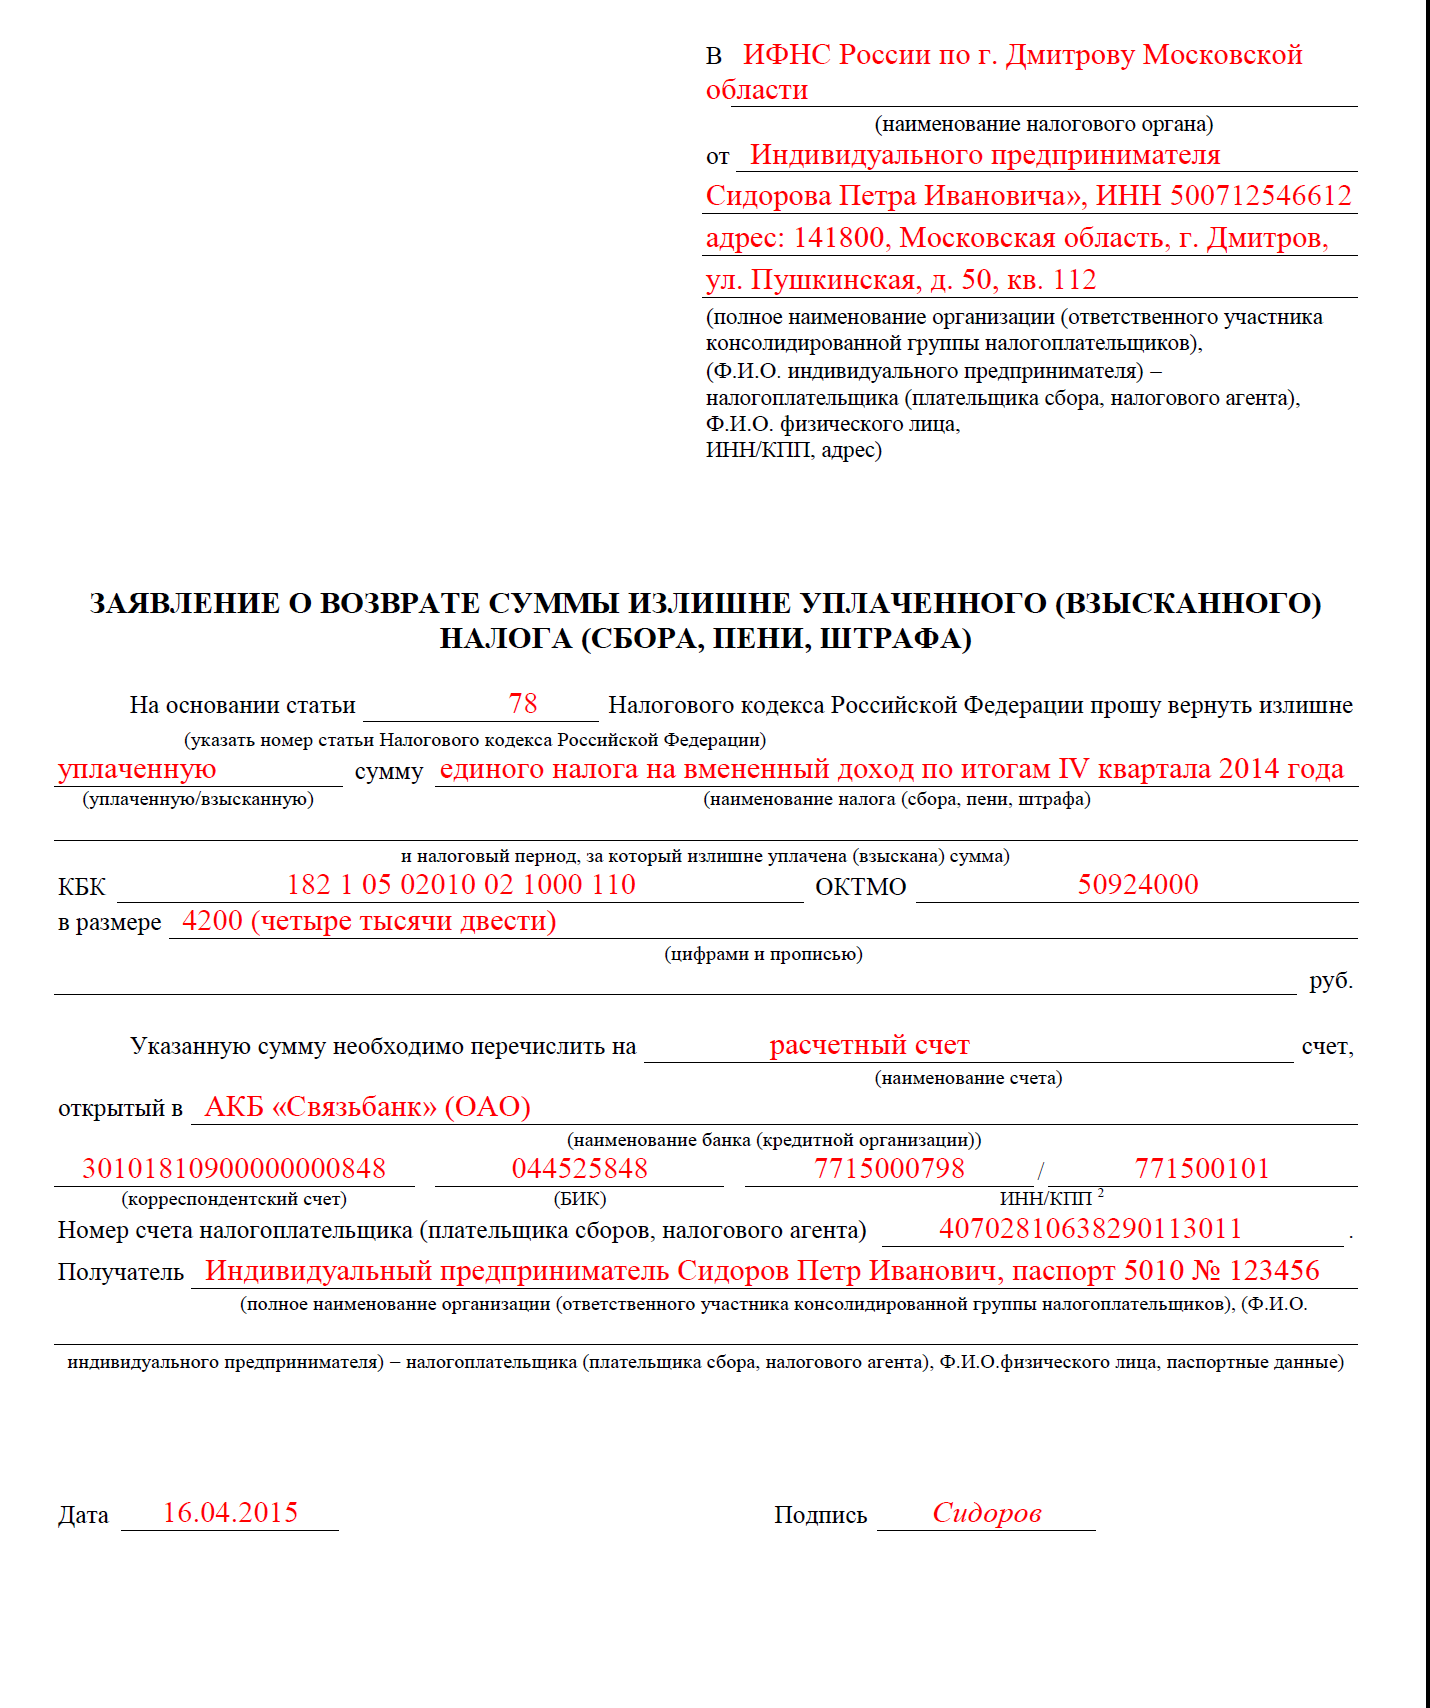 сообщение о закрытии счета в фсс 2012 бланк